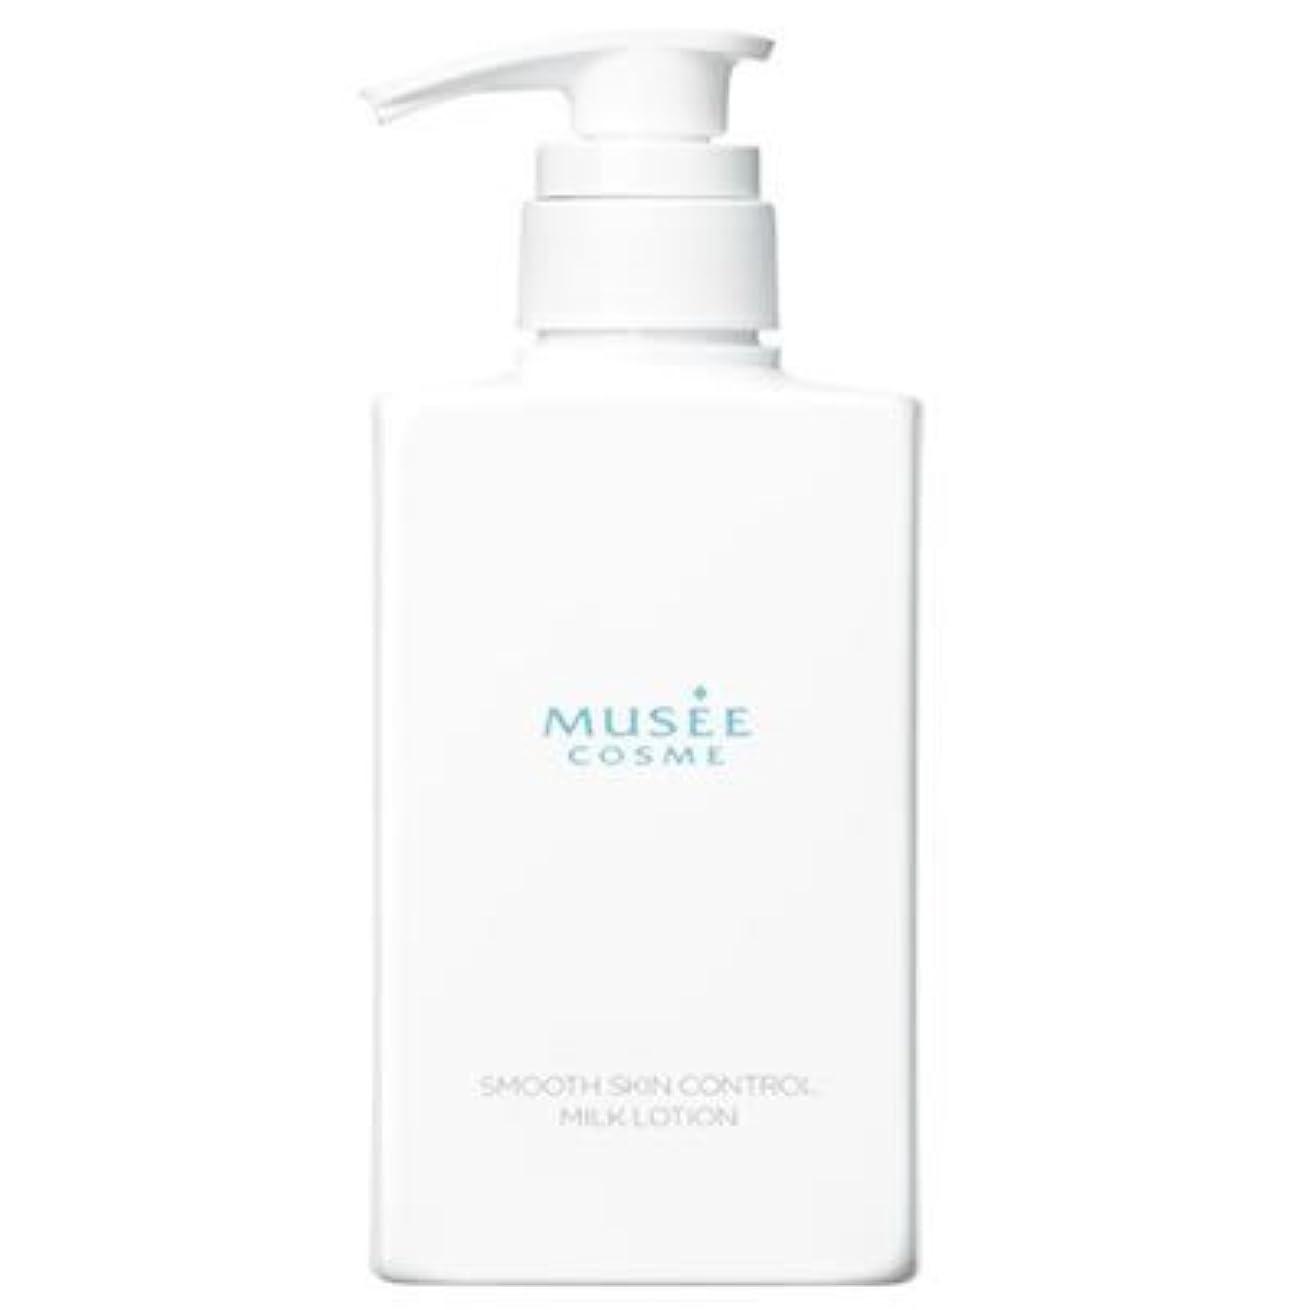 アンソロジー静かな船外ミュゼ 薬用スムーススキンコントロールミルクローション 300ml ホワイトジャスミンの香り [並行輸入品]